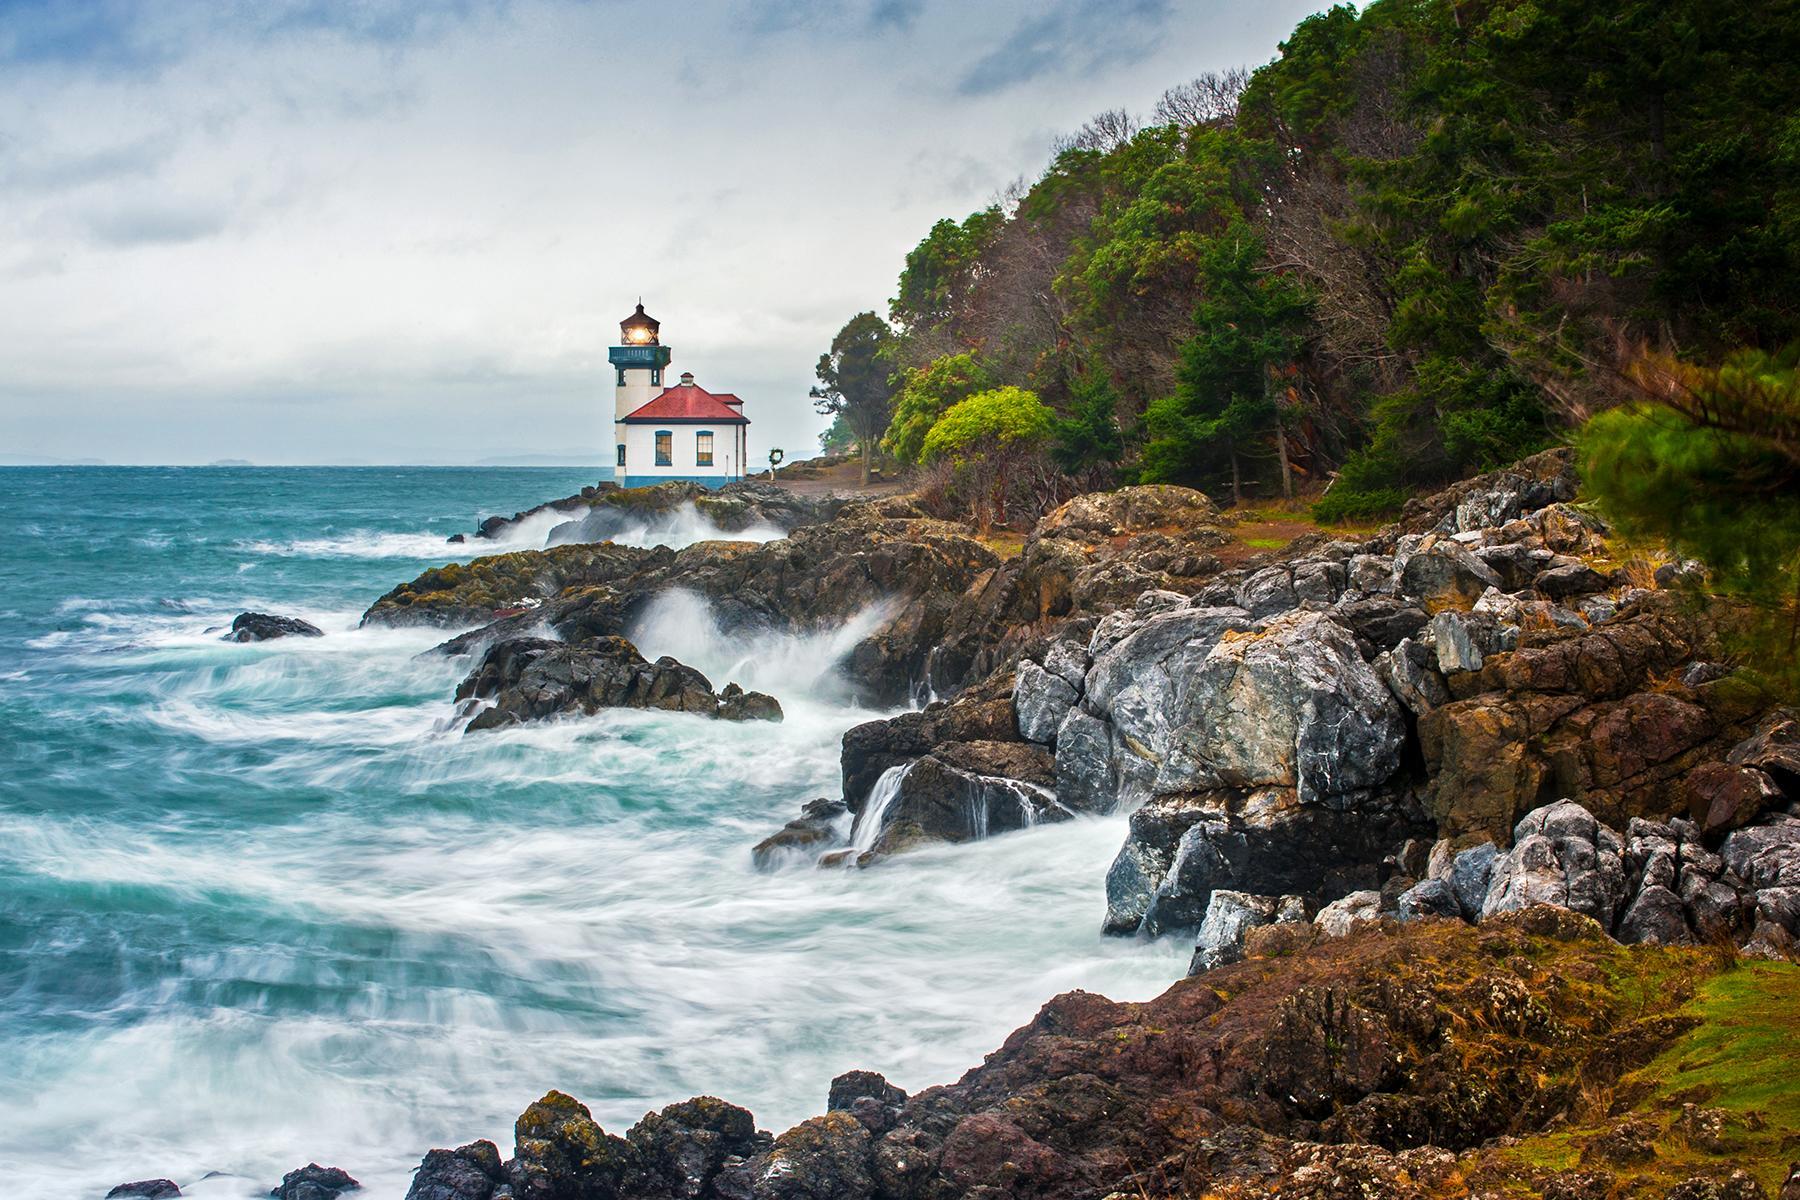 Best Beach Towns For Artists